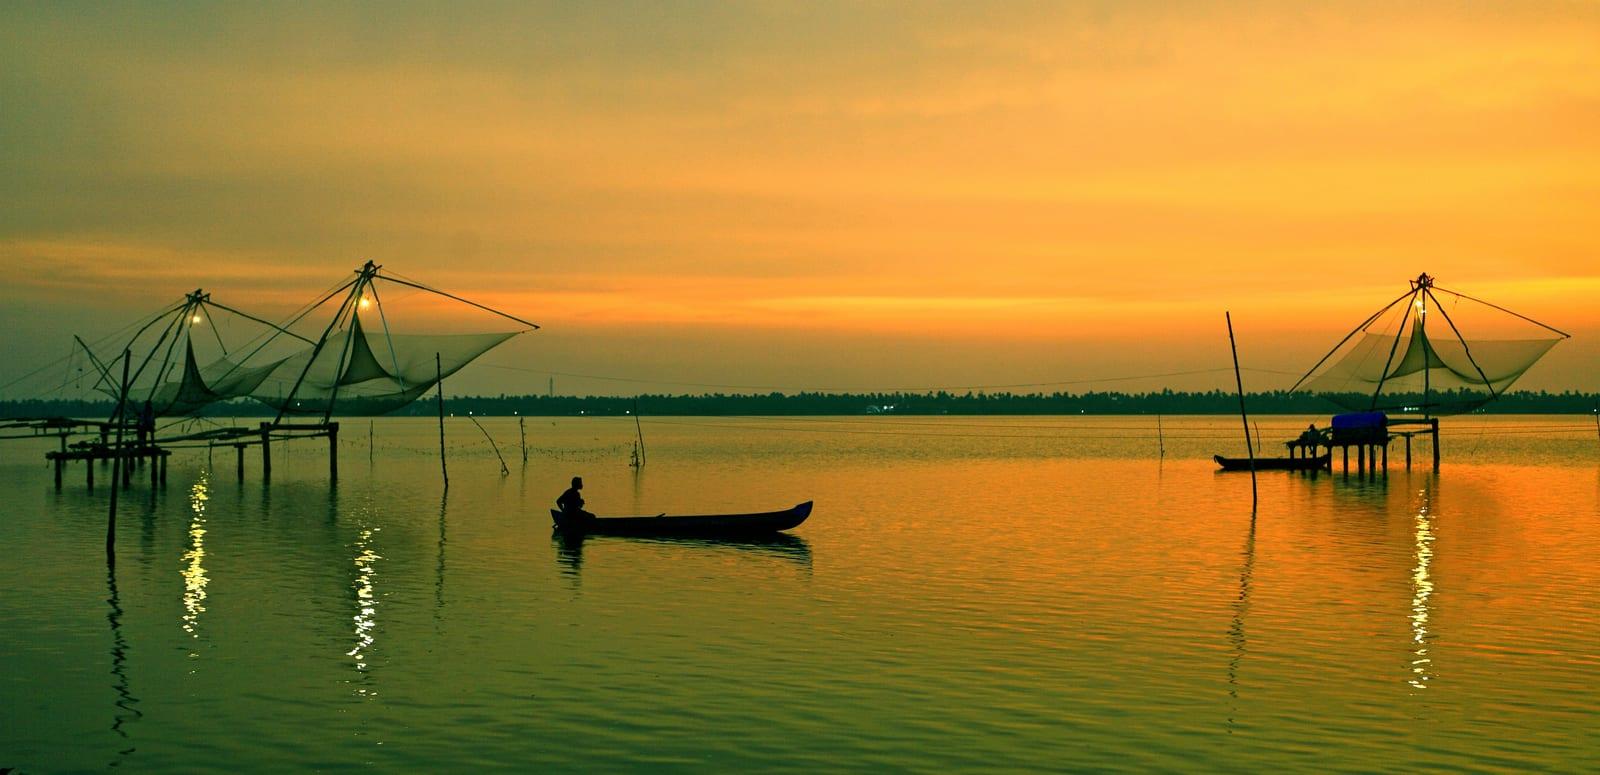 1463257112_kumbalangi_backwaters_kochi_1_378.jpg